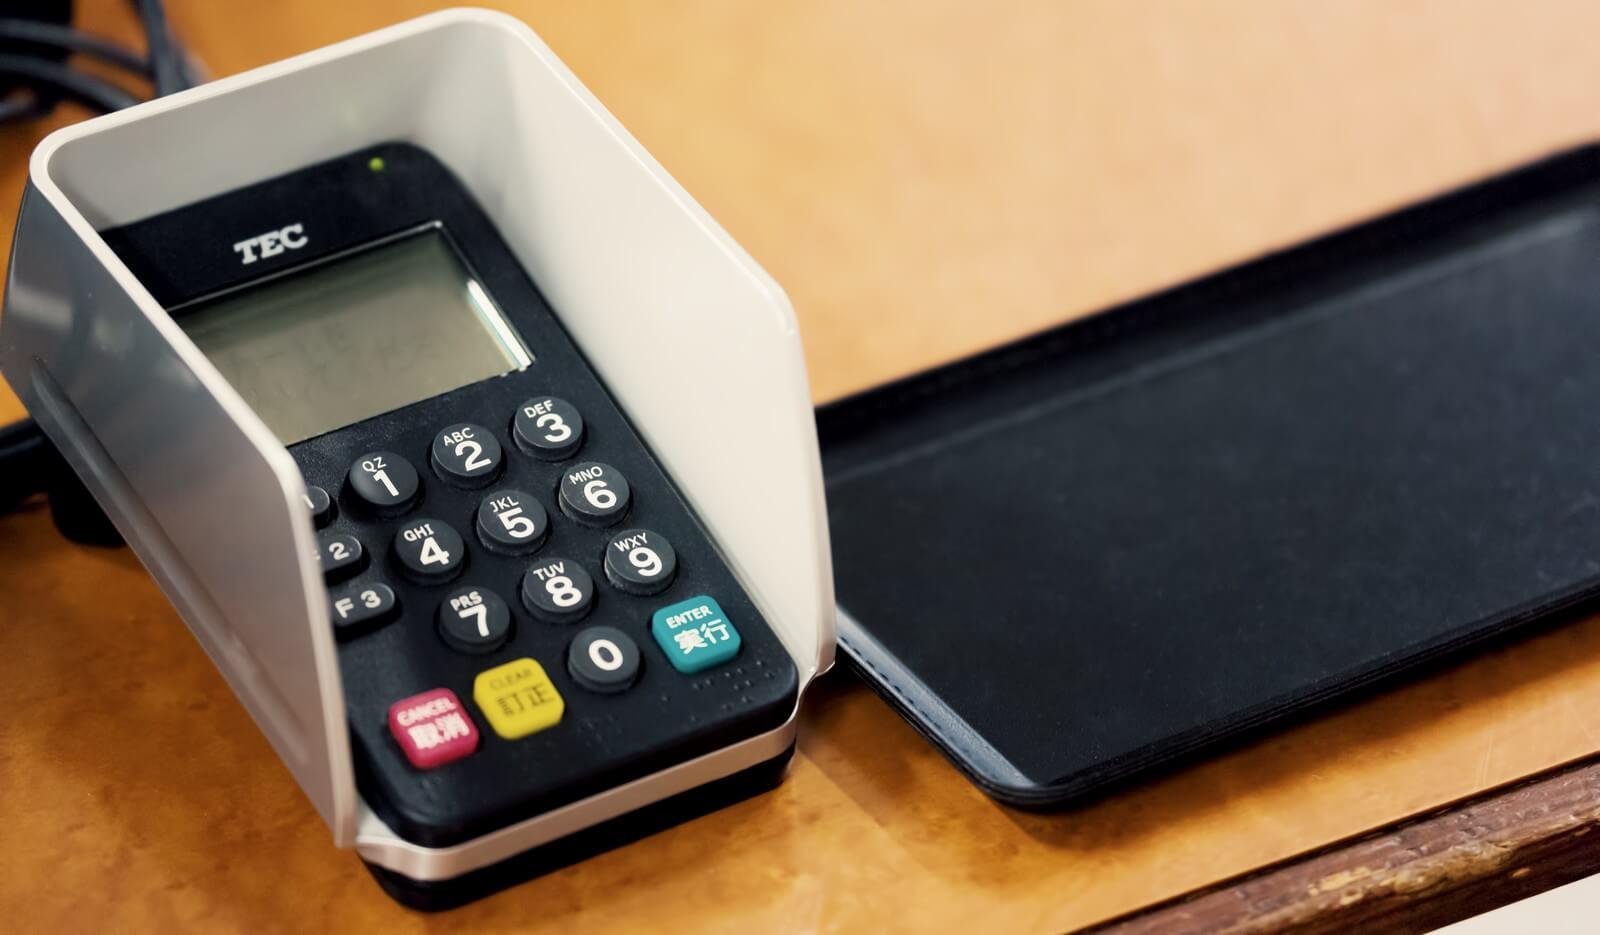 【ハワイ旅行】クレジットカードでチップってどう支払うの?